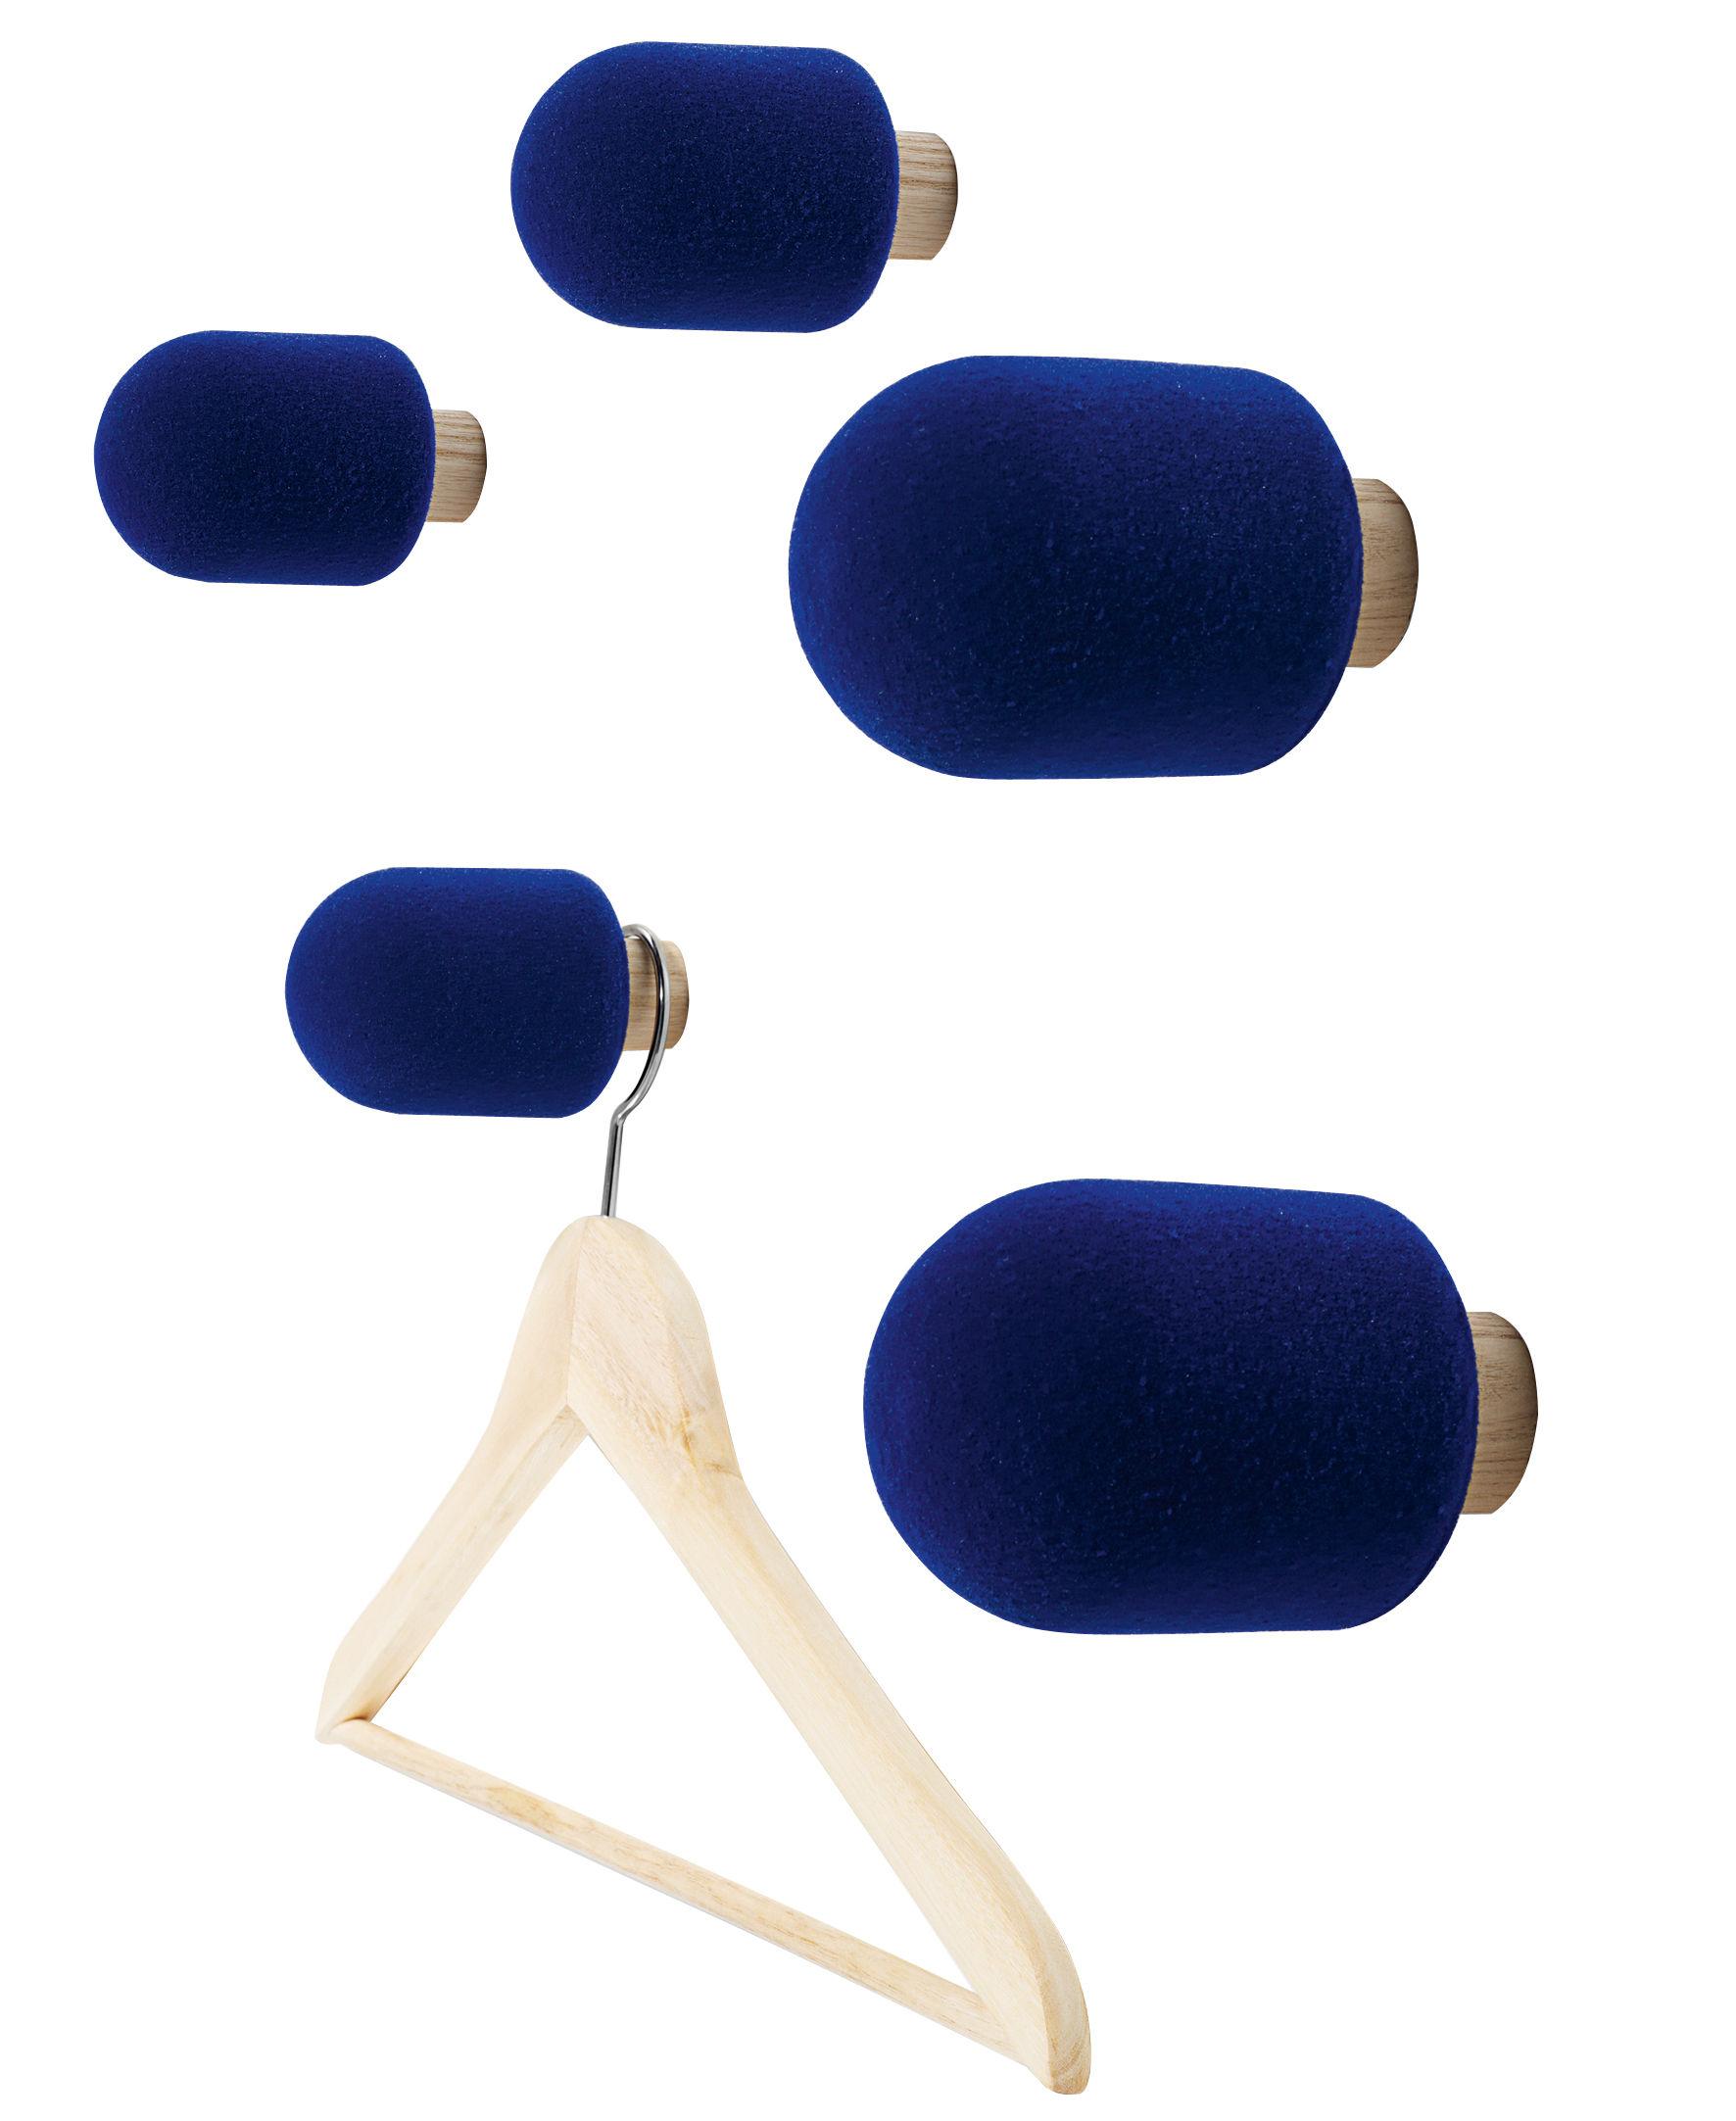 Möbel - Garderoben und Kleiderhaken - Micro Wandhaken 5 Stück - Moustache - Blau - Esche, Schaumstoff